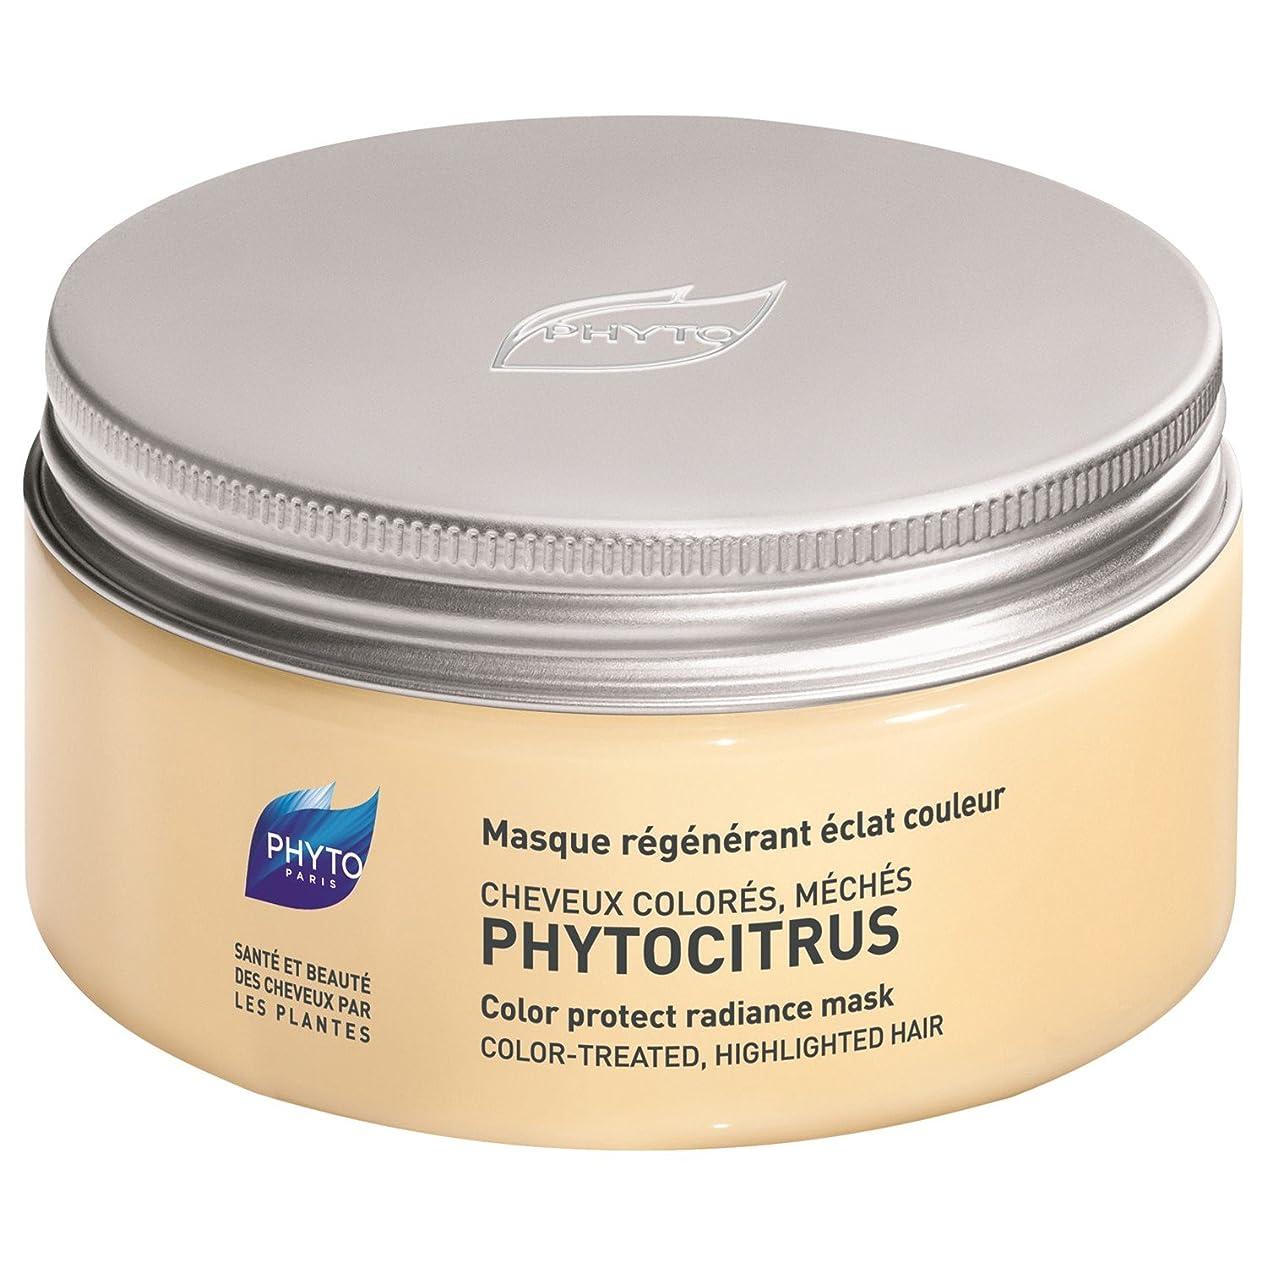 妊娠した農夫植生フィトPhytocitrus色保護放射輝度マスク200ミリリットル (Phyto) (x2) - Phyto Phytocitrus Colour Protect Radiance Mask 200ml (Pack of 2) [並行輸入品]